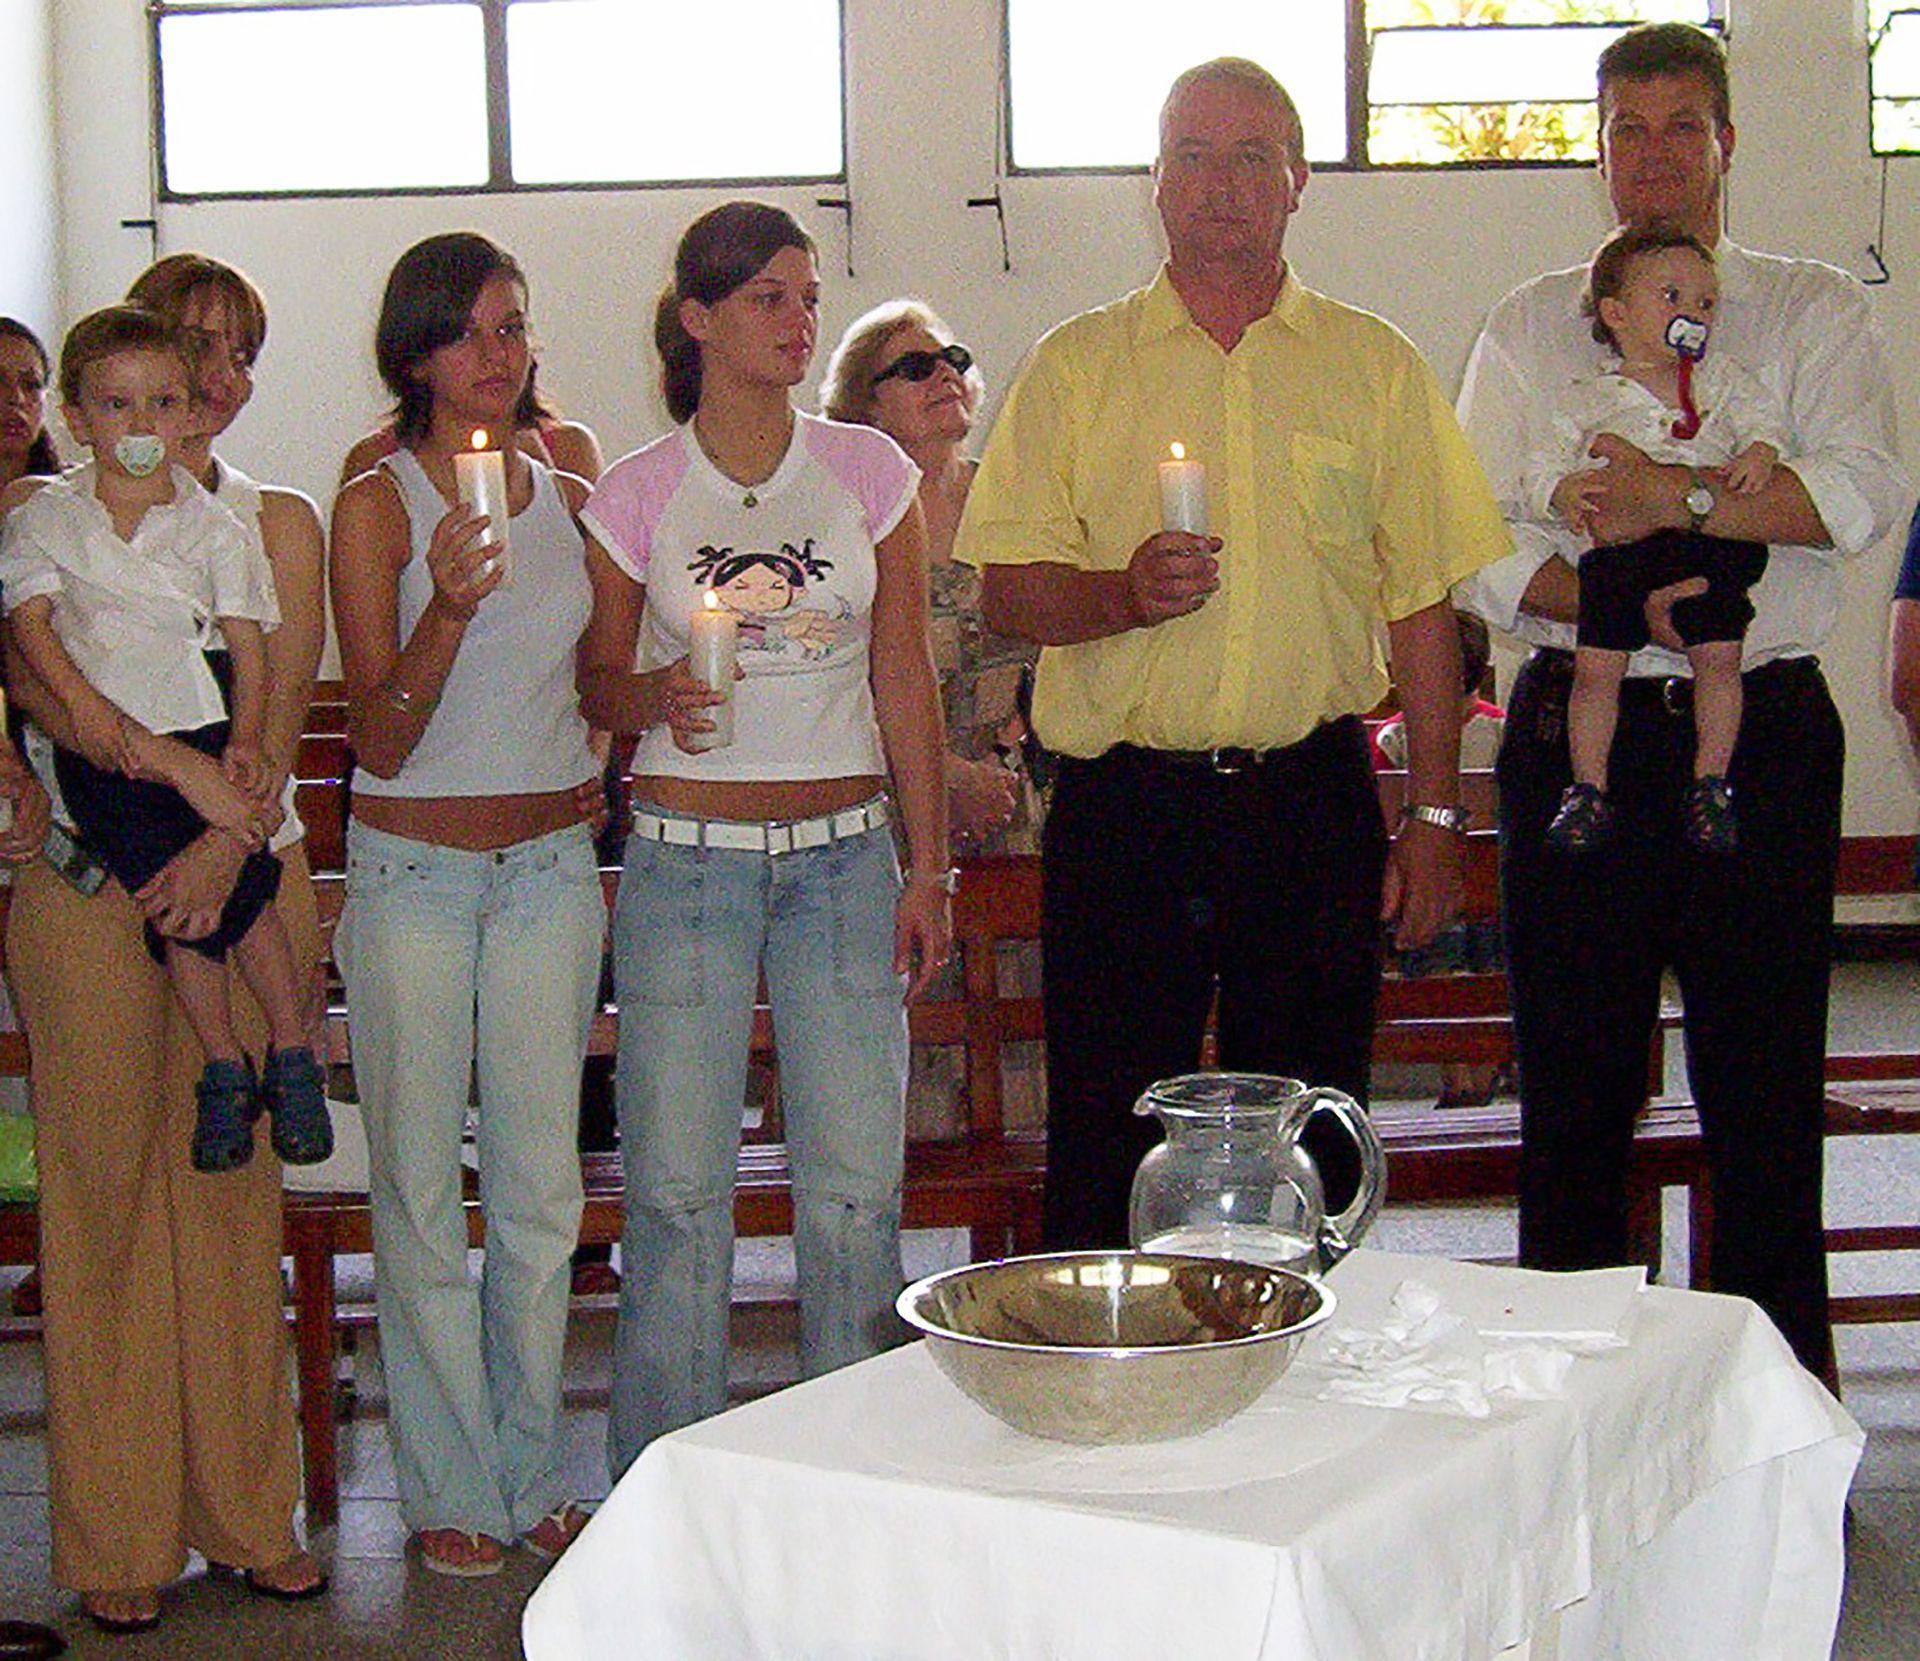 Las hijas más grandes de César, de un matrimonio anterior, son las madrinas de bautismo de los hermanos menores, los hijos que tuvo con Graciela.